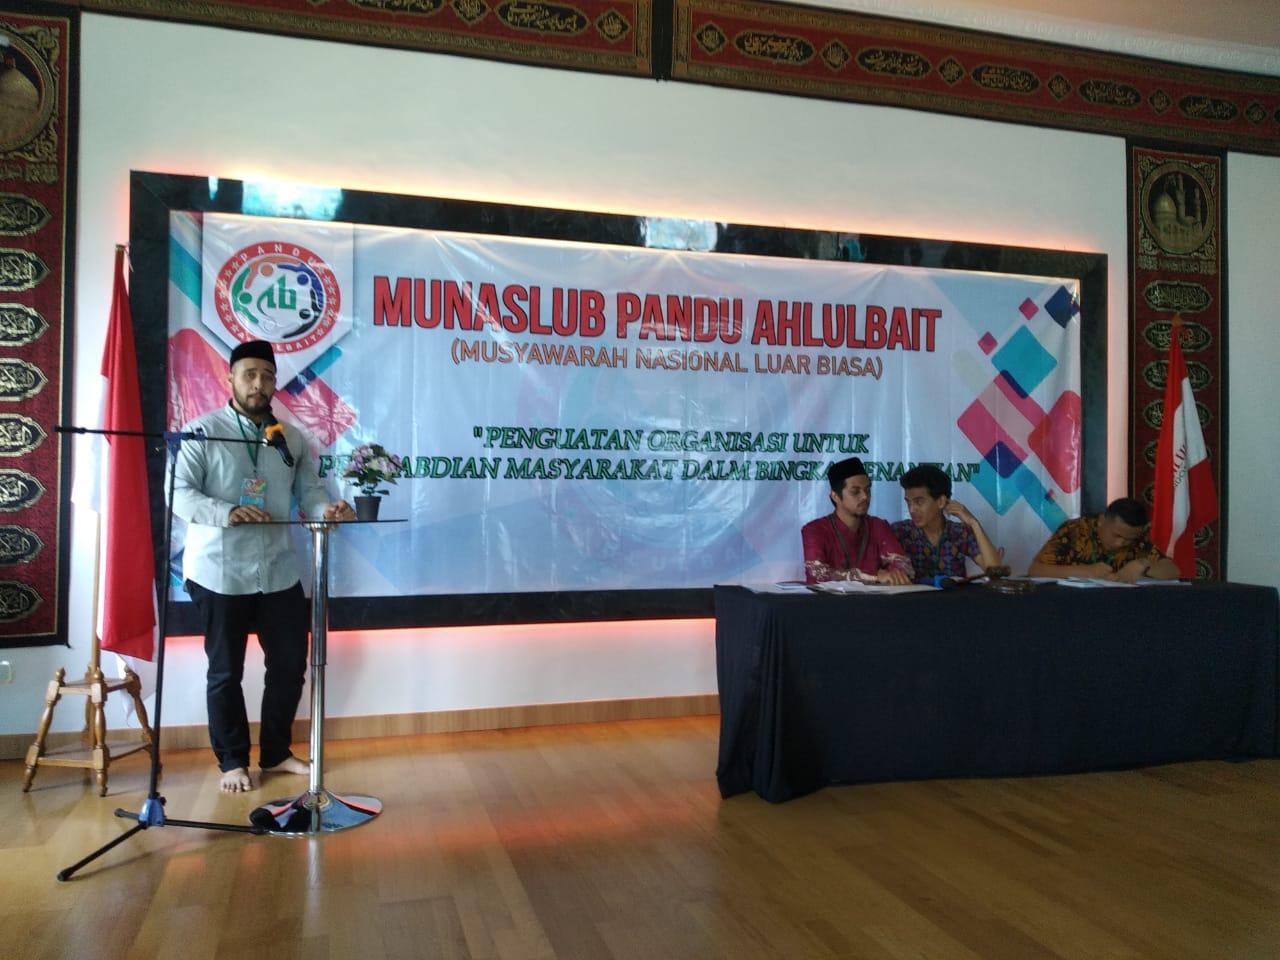 Pandu Ahlulbait, Motor Penggerak Masyarakat